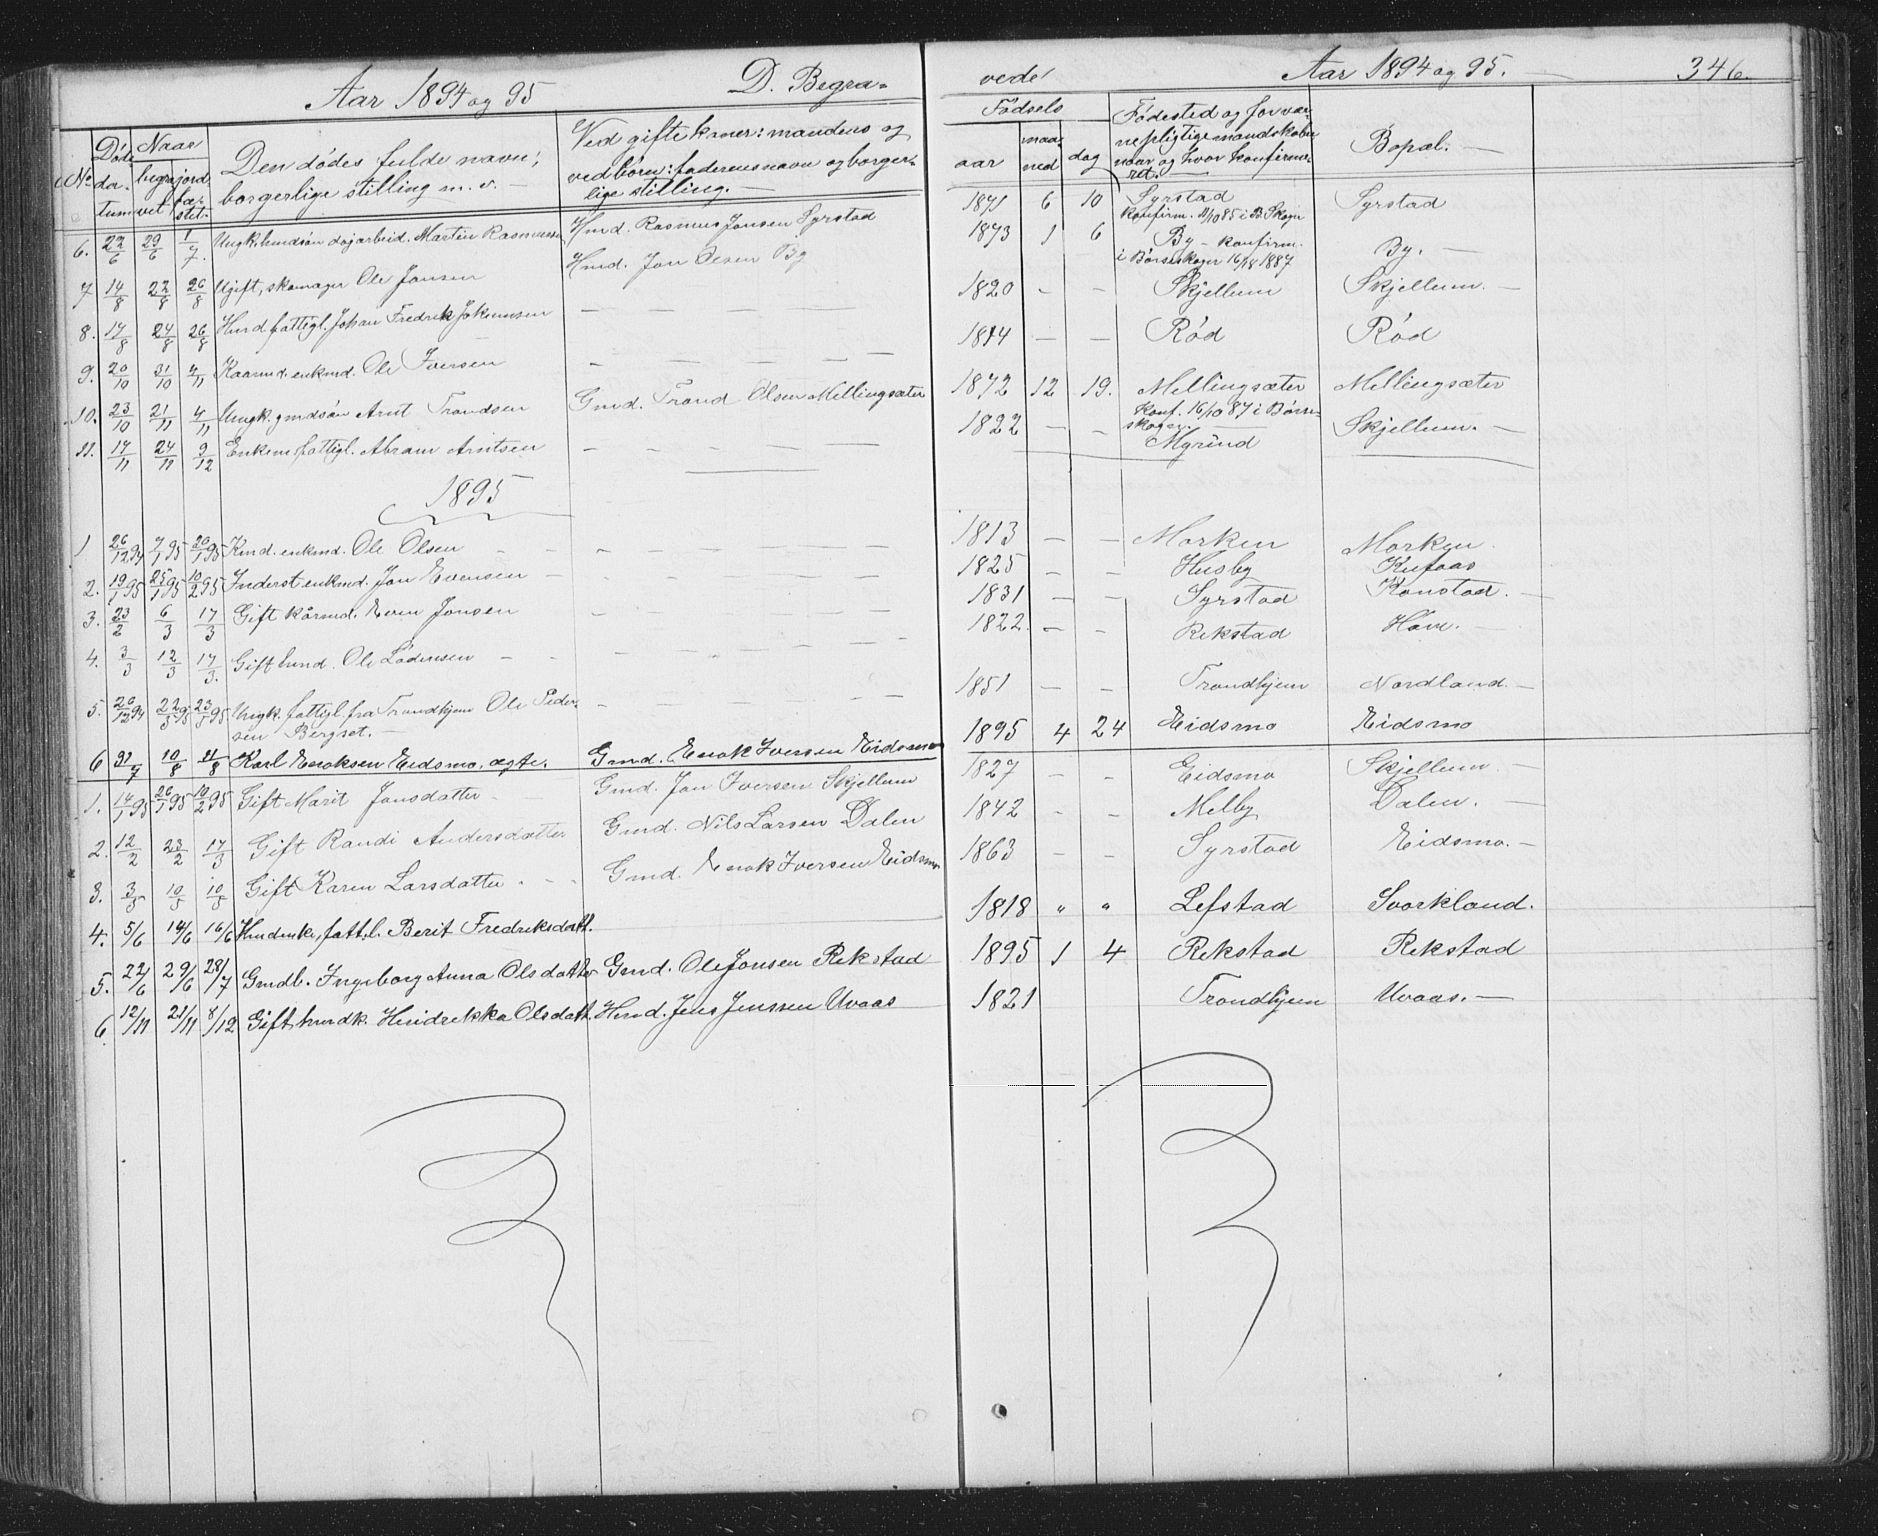 SAT, Ministerialprotokoller, klokkerbøker og fødselsregistre - Sør-Trøndelag, 667/L0798: Klokkerbok nr. 667C03, 1867-1929, s. 346